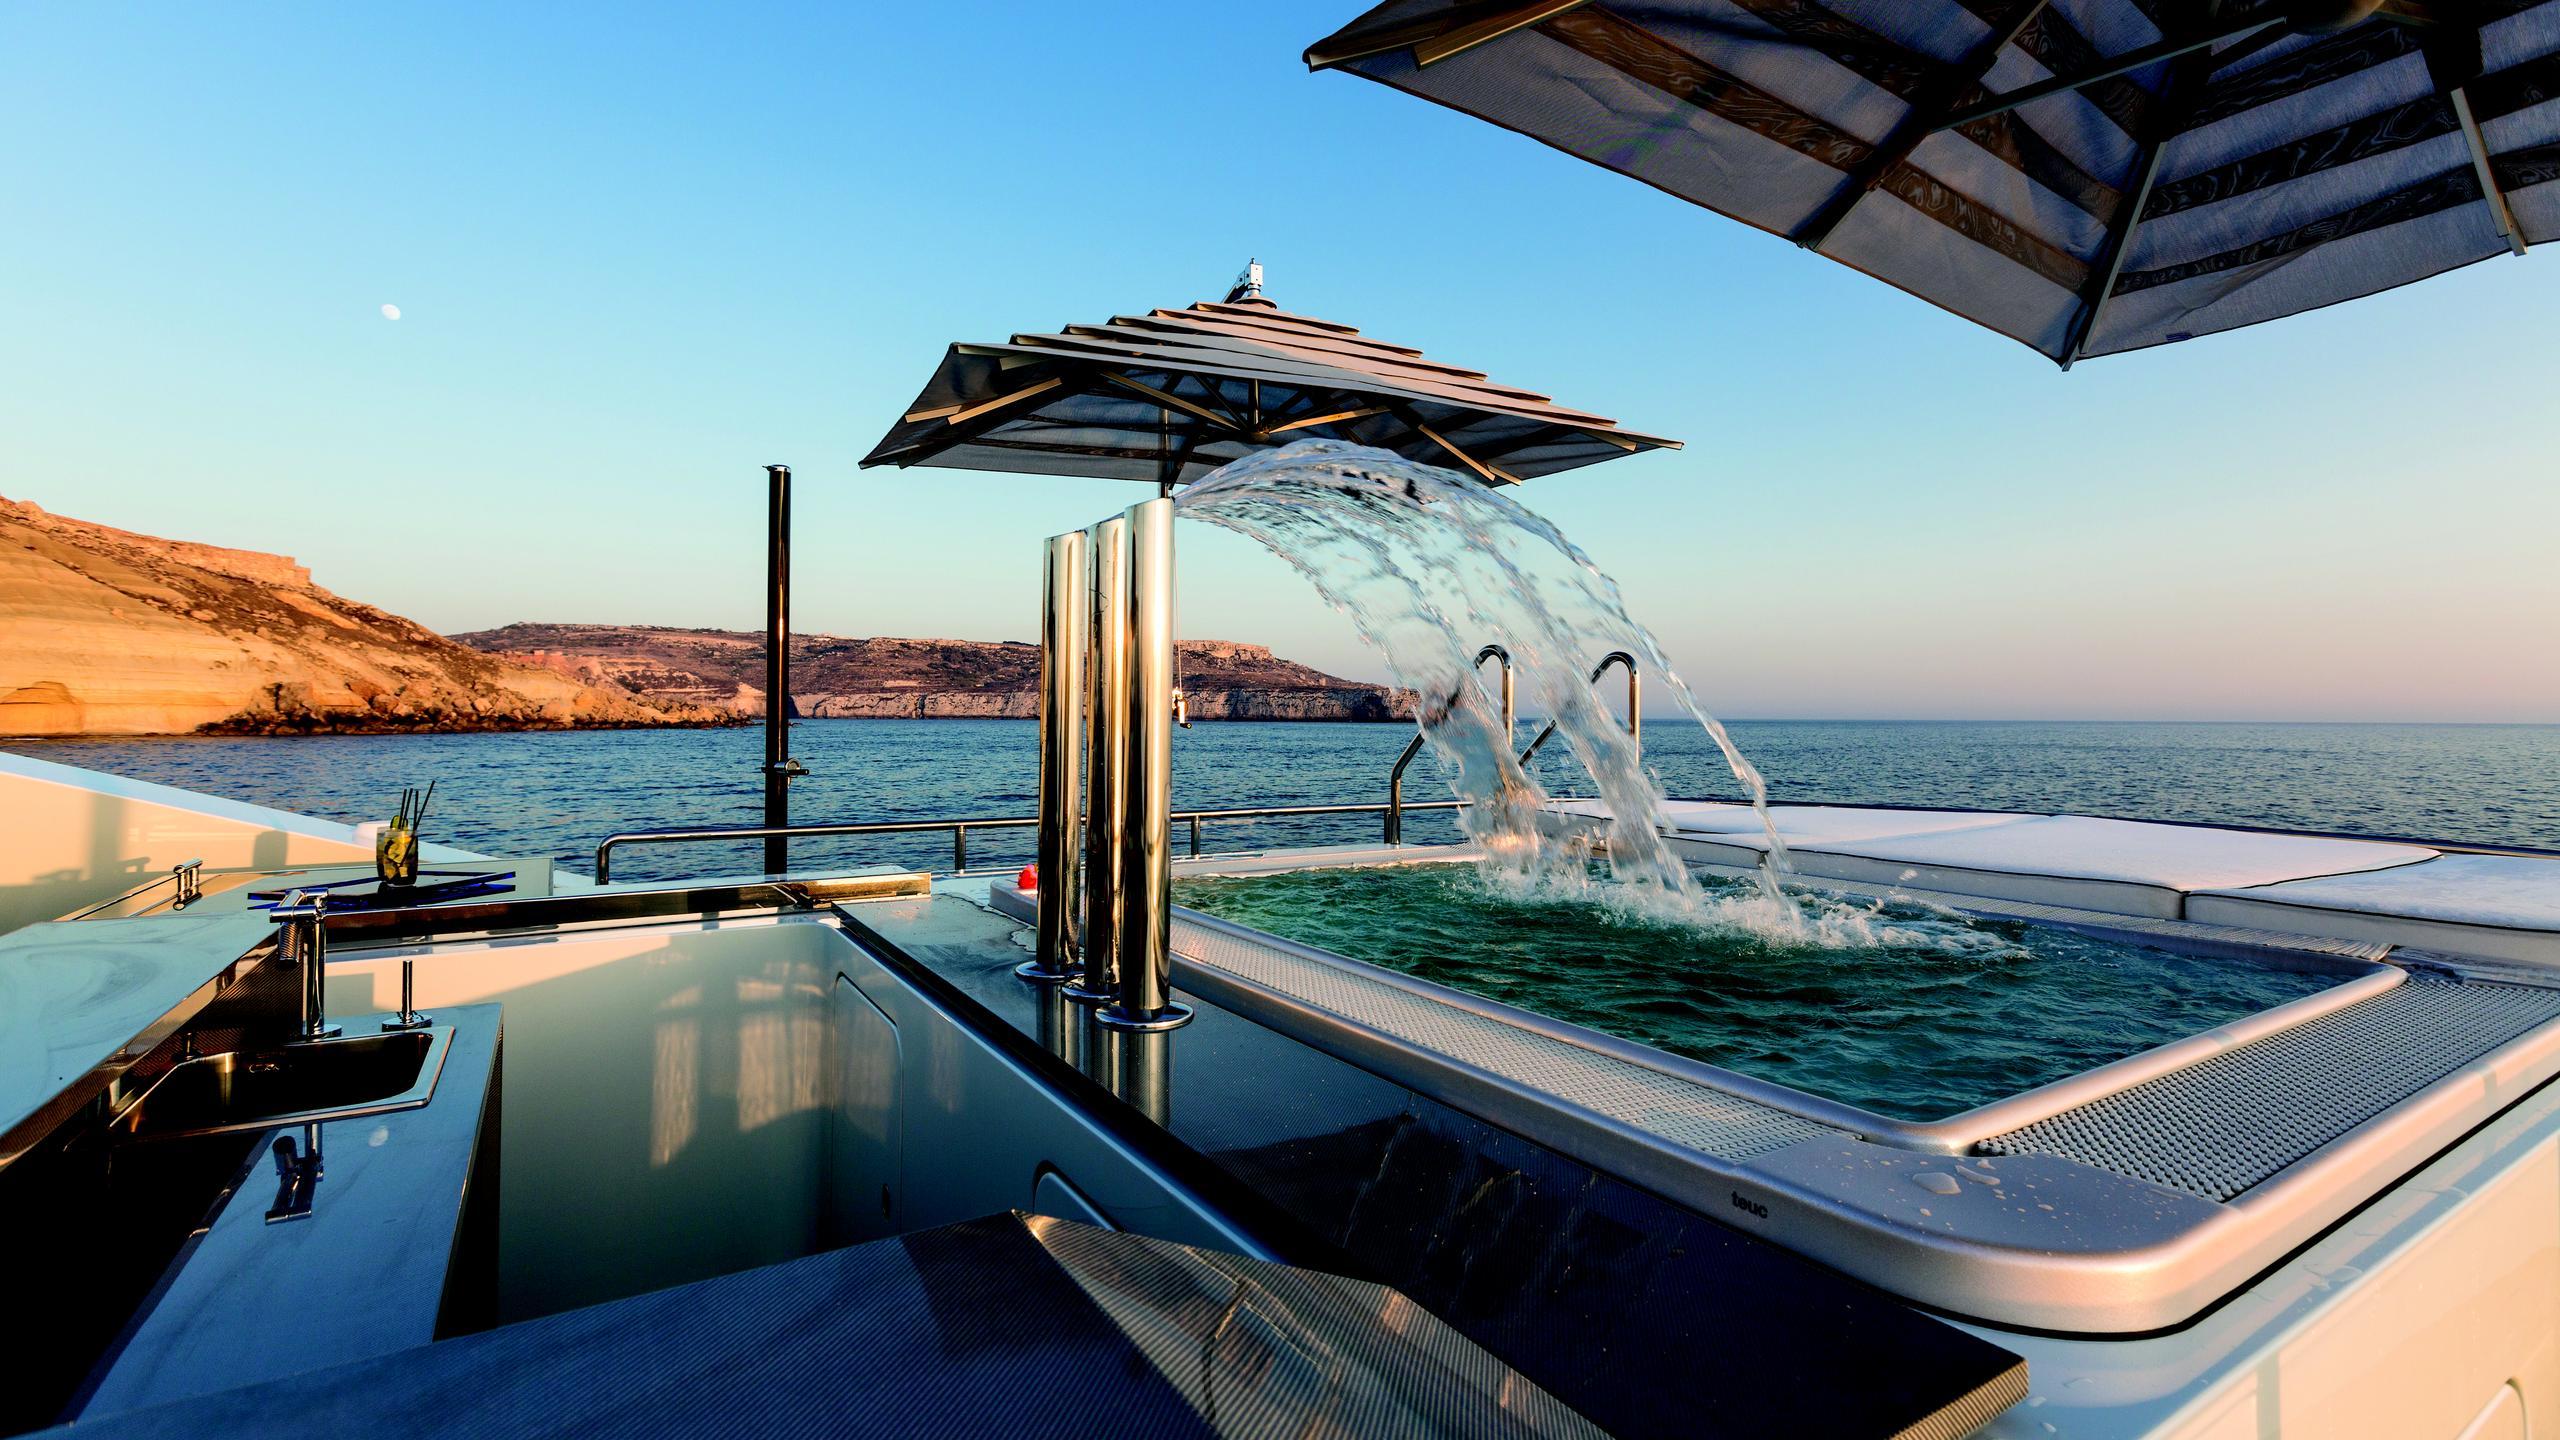 ocean-paradise-yacht-hot-tub